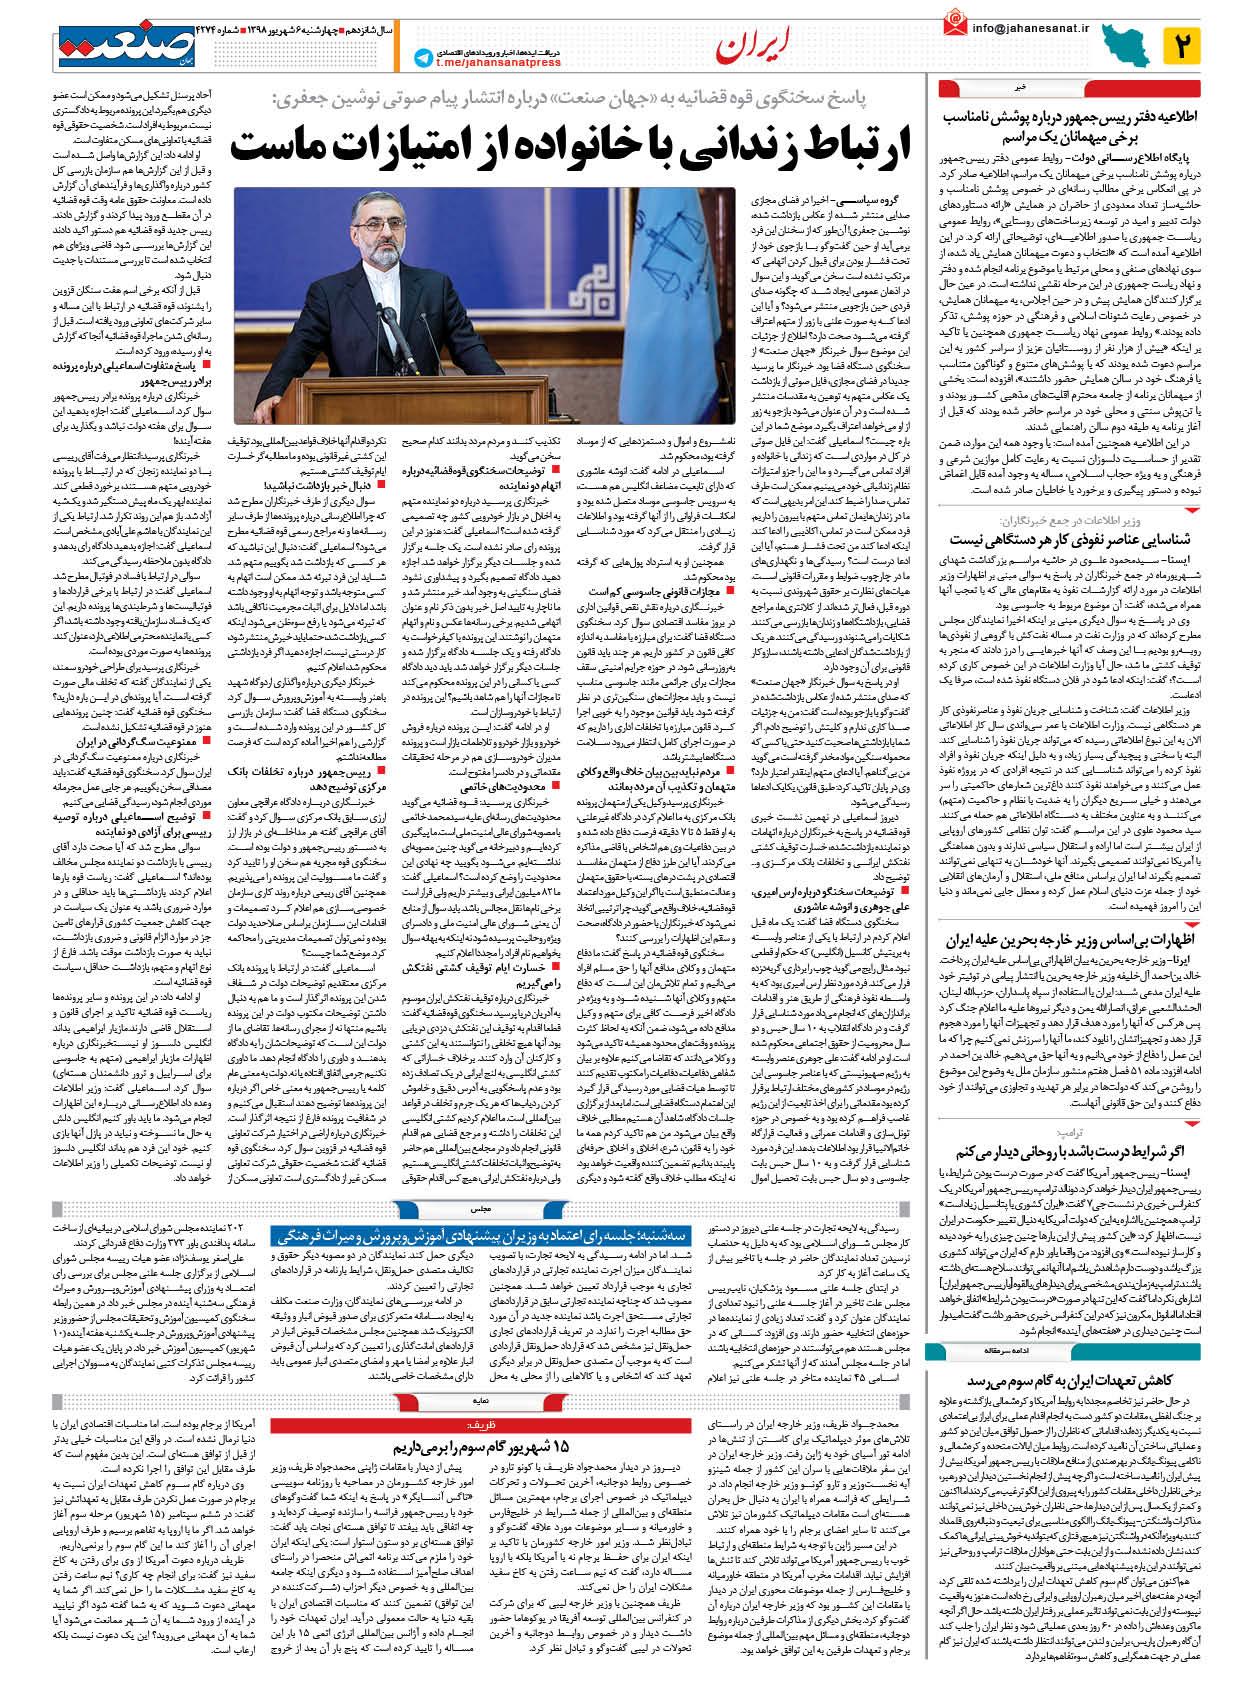 صفحه ۰۲ – ۰۶ شهریور ۱۳۹۸